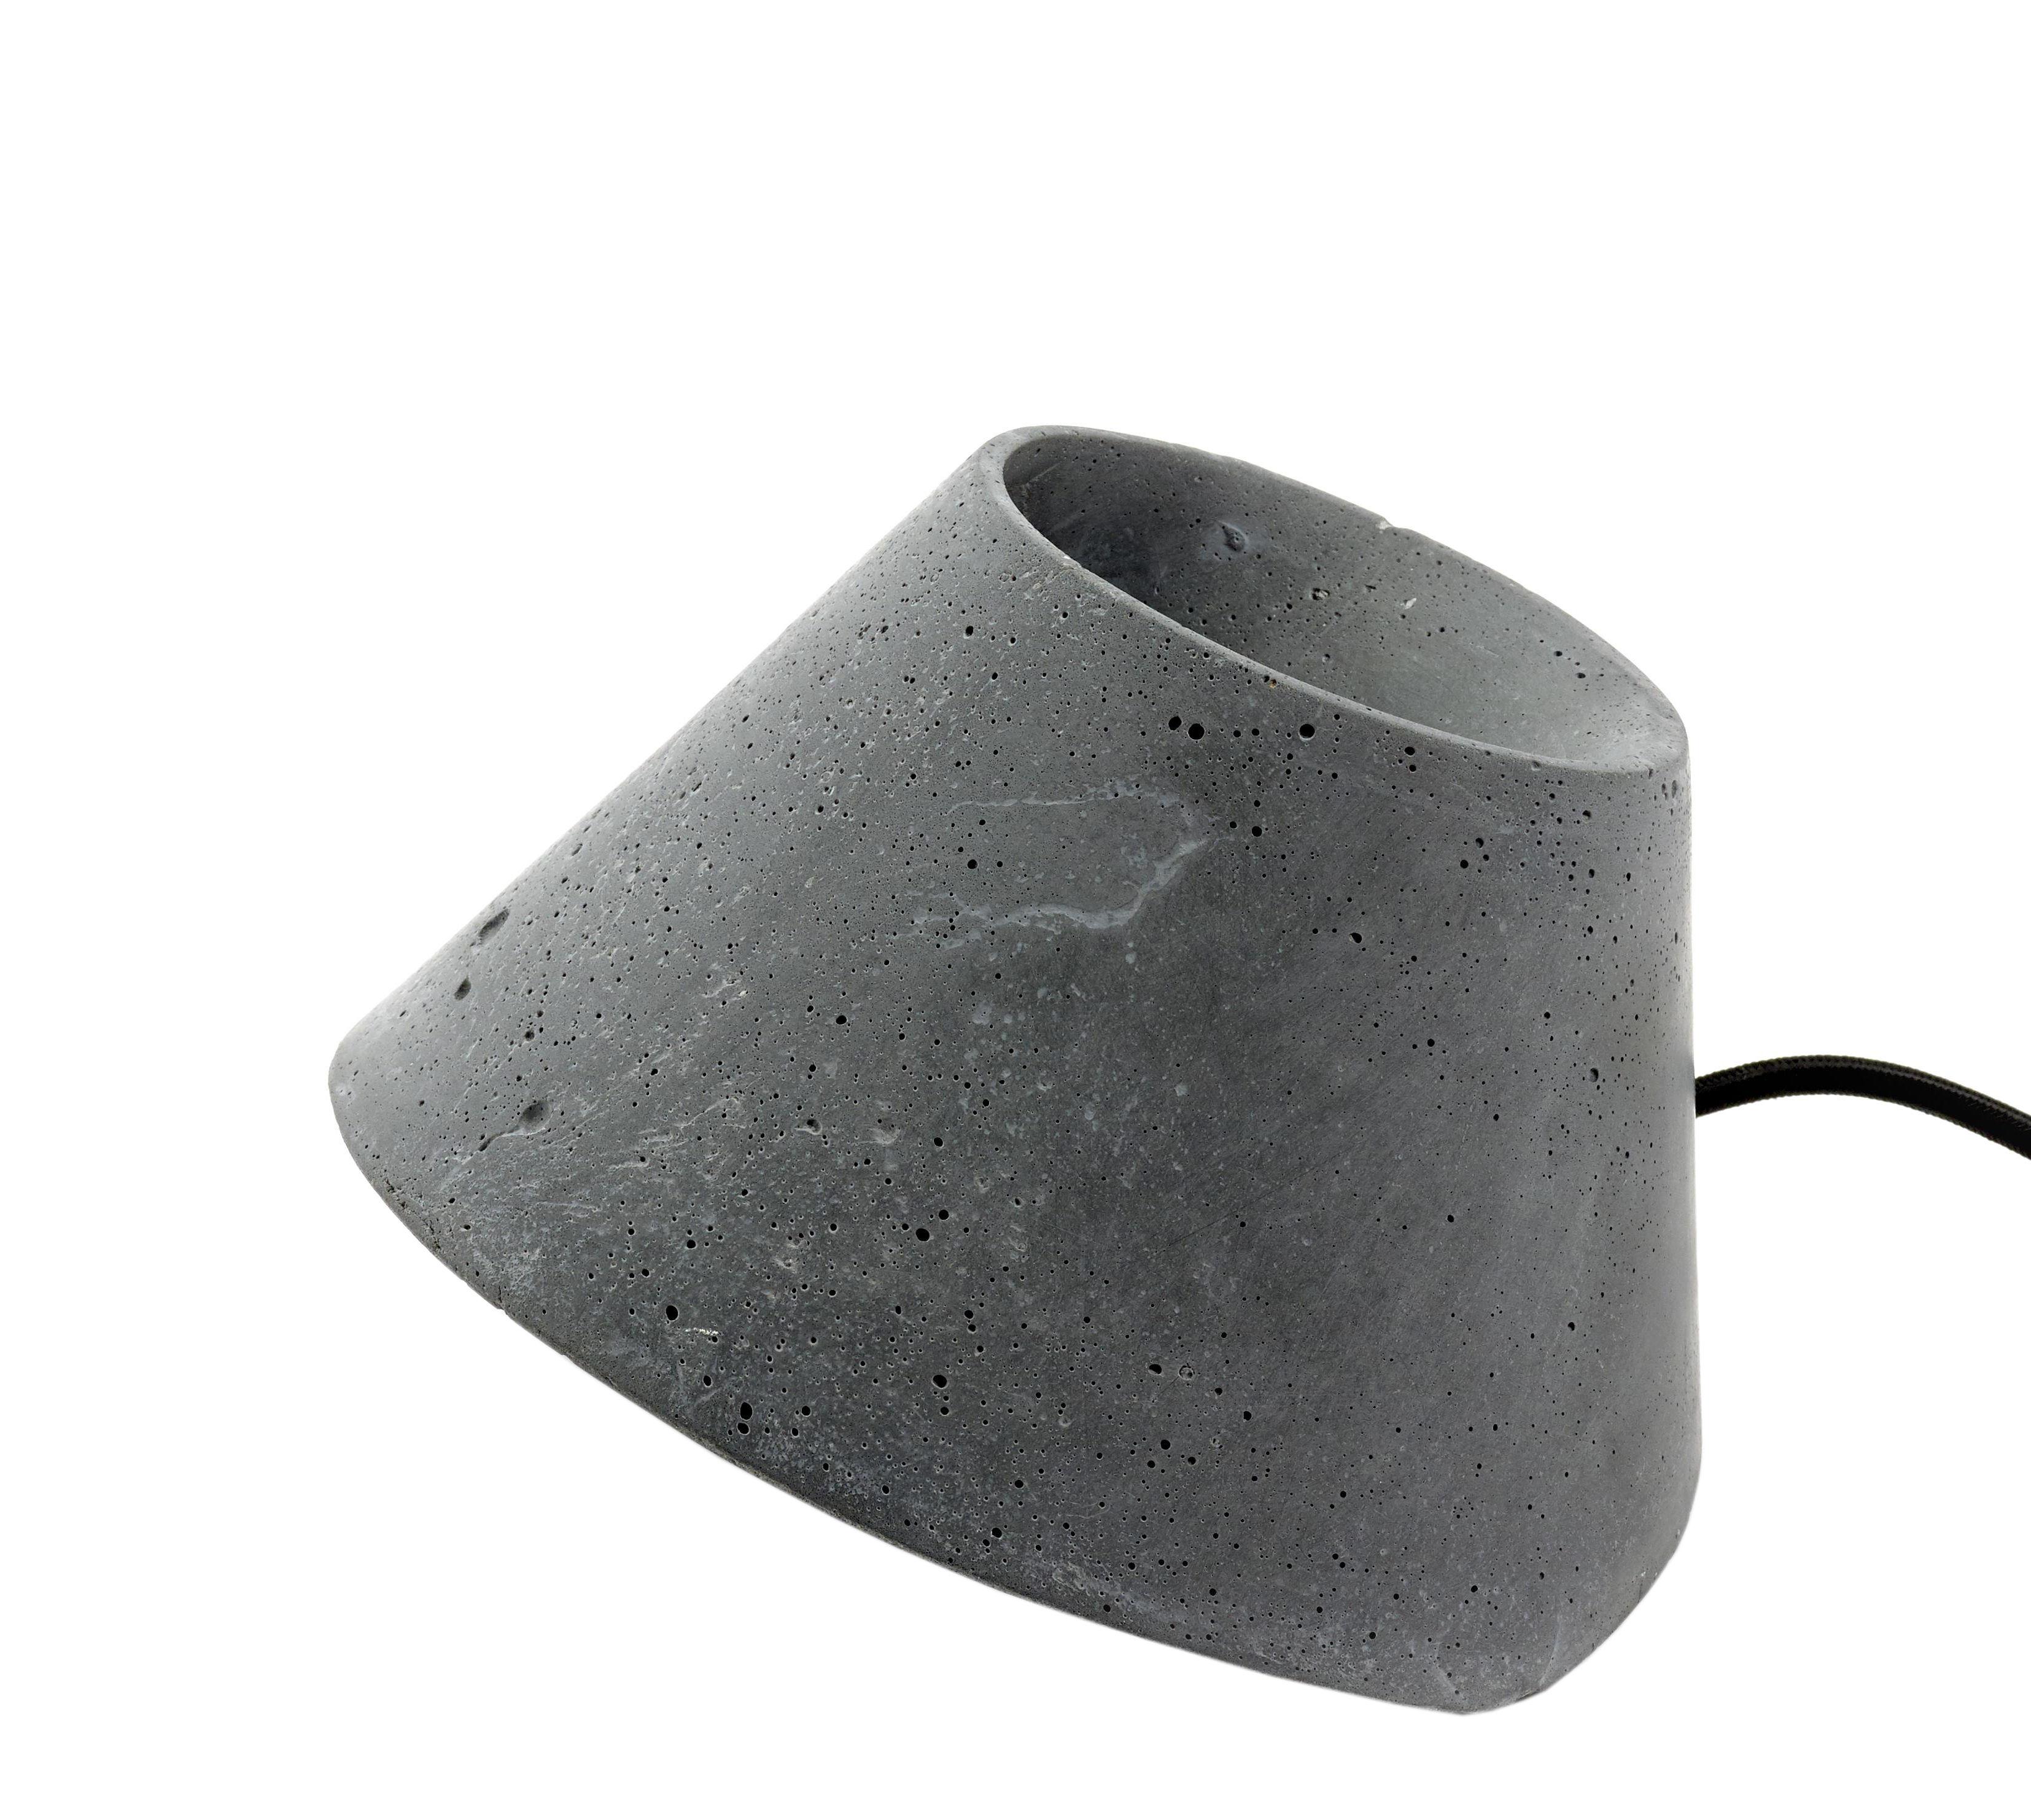 Illuminazione - Lampade - Lampada da posa Eaunophe - / Cemento - Dimensione S di Serax - Grigio - Calcestruzzo